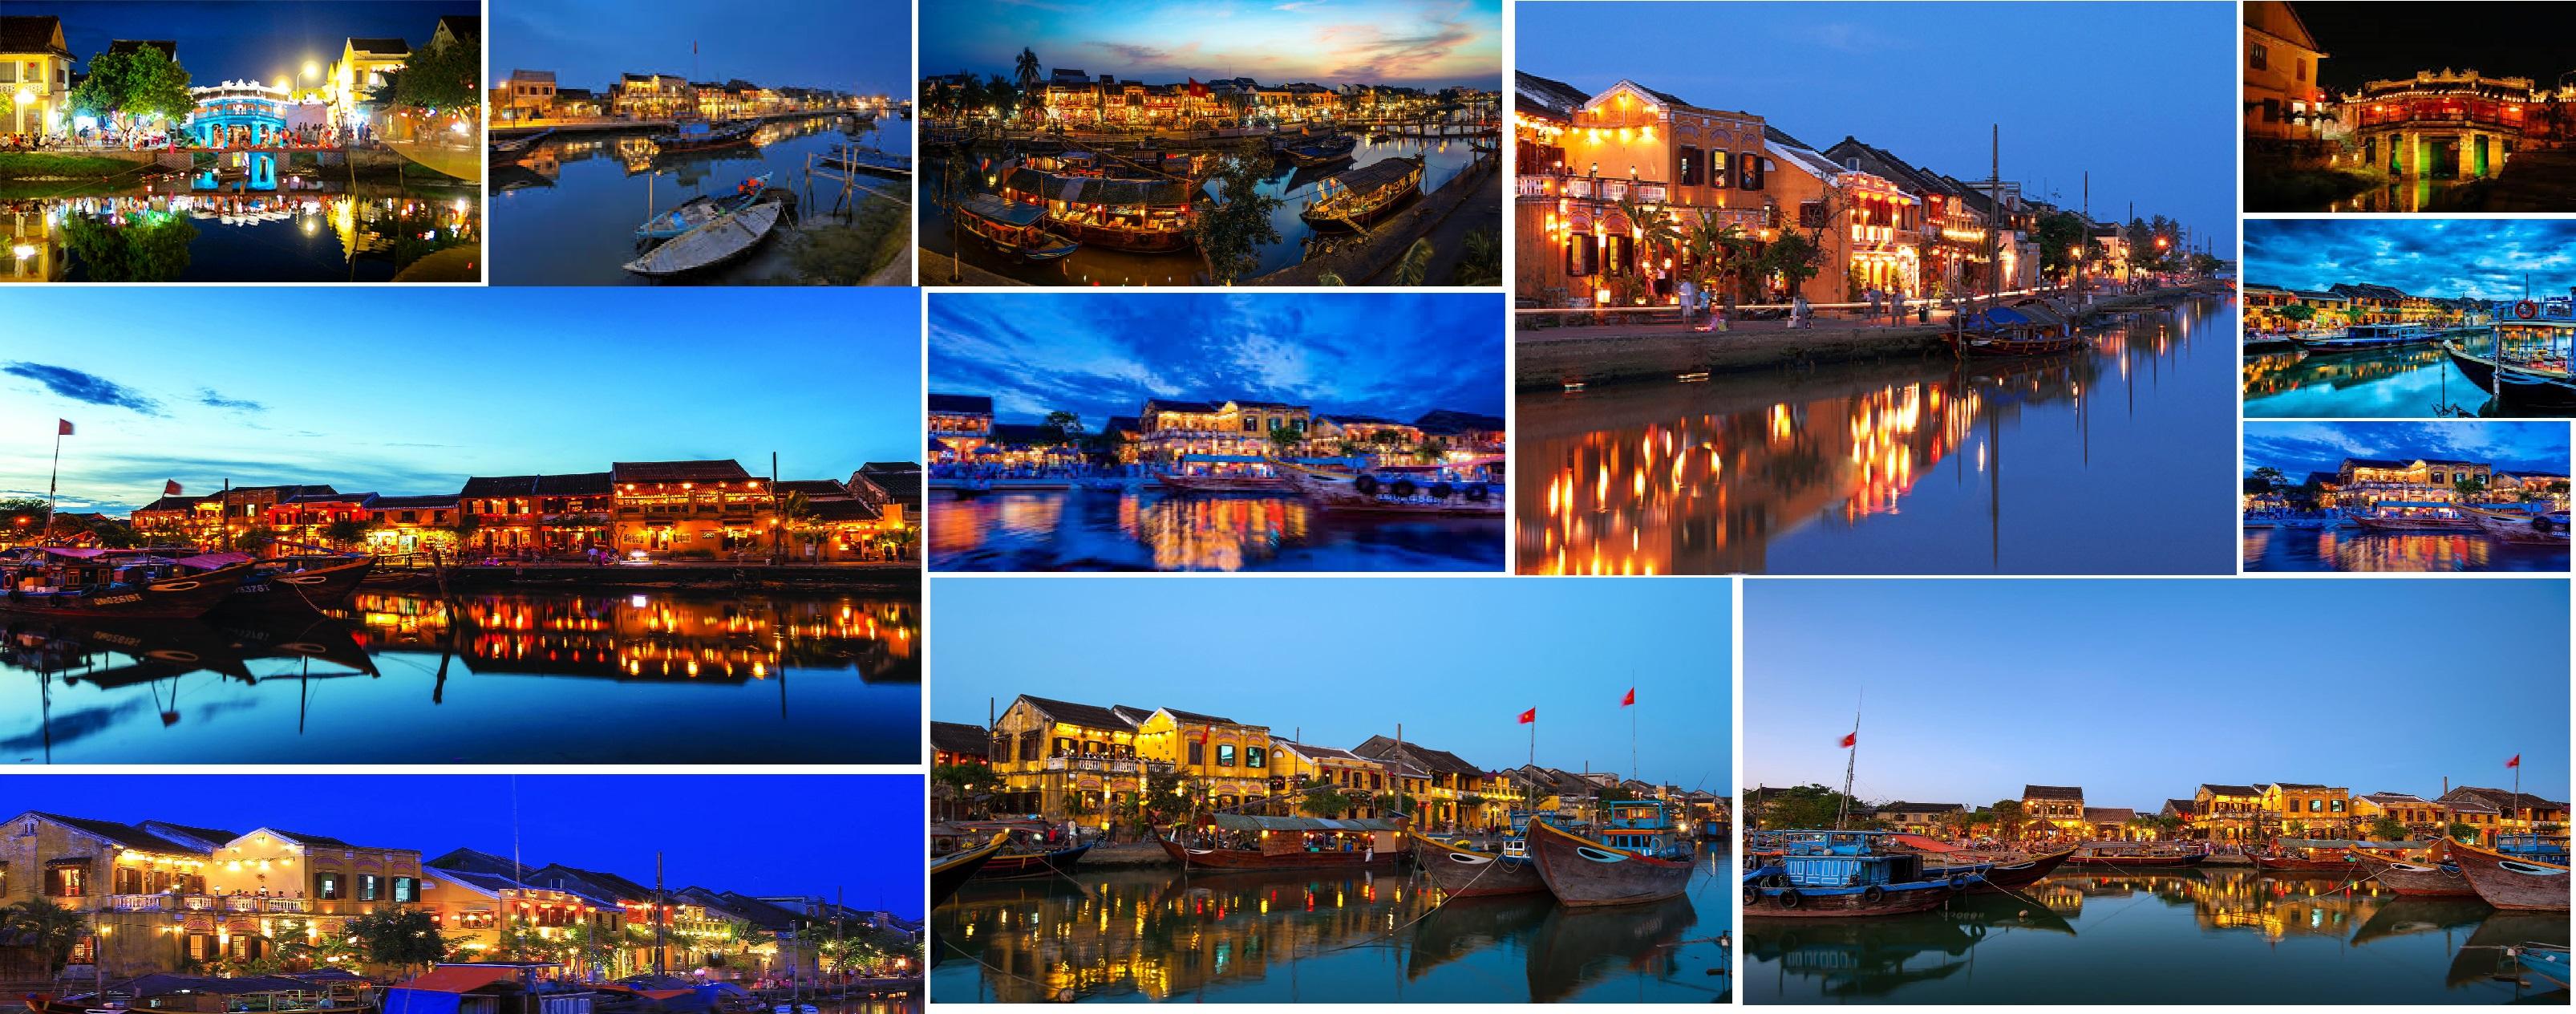 Tour du lịch Ngũ Hành Sơn Hội An